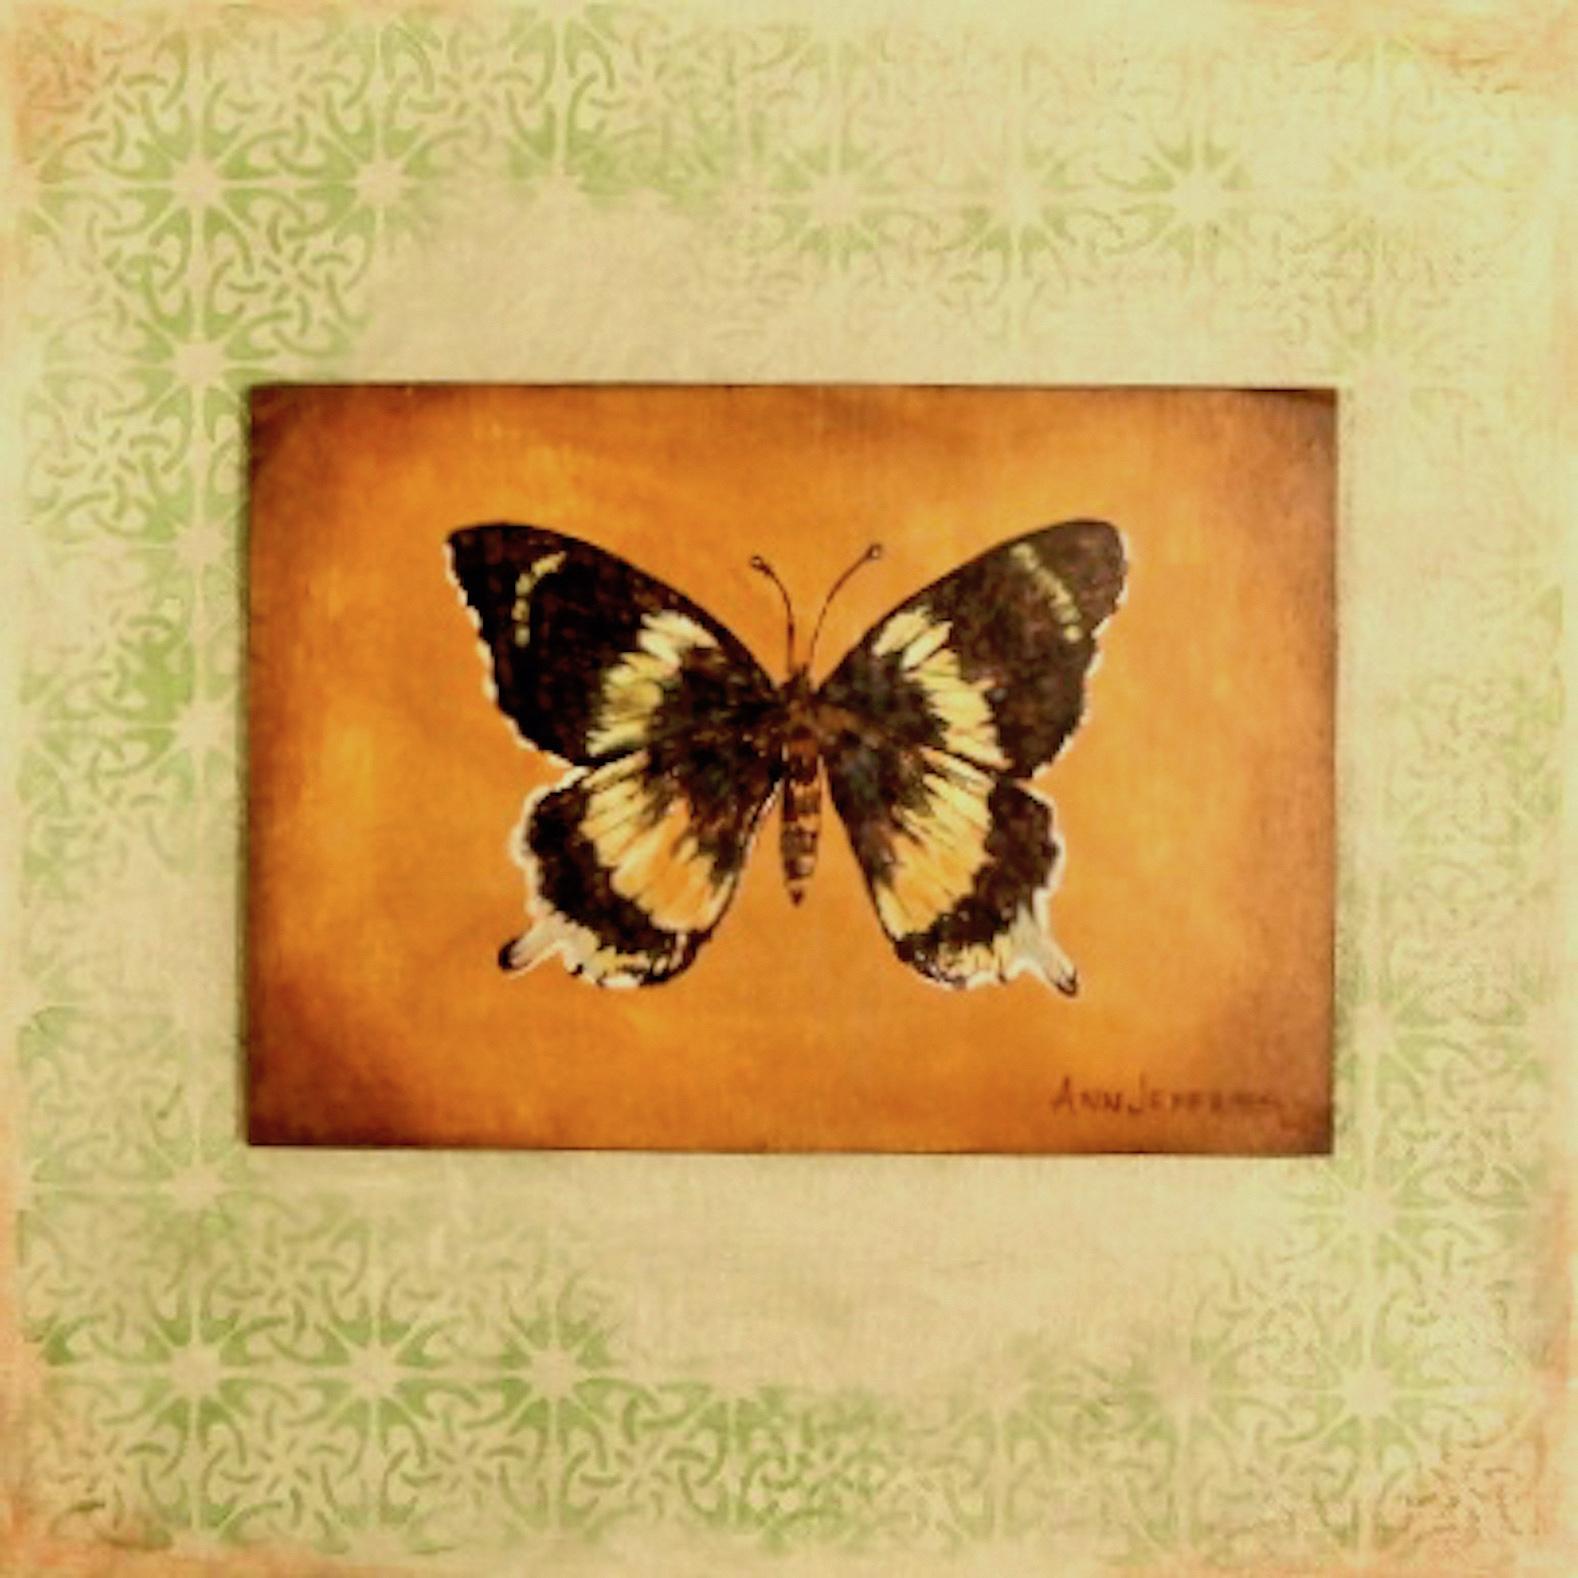 Ann Jeffries: Butterfly #8